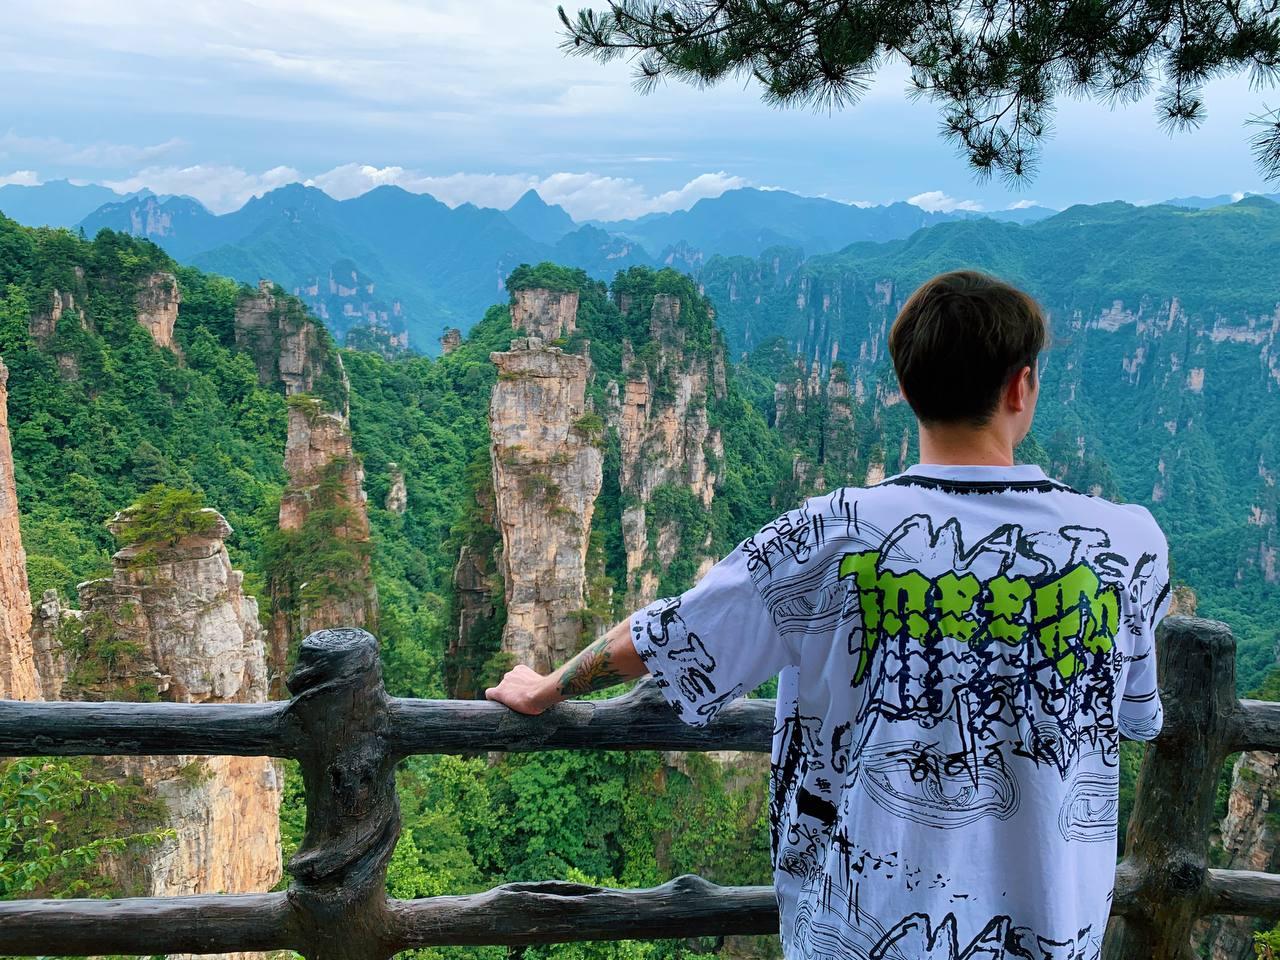 [Личный опыт] Жизнь за Великой китайской стеной: как в Китае дела с IT, цензурой и интеграцией в общество - 6